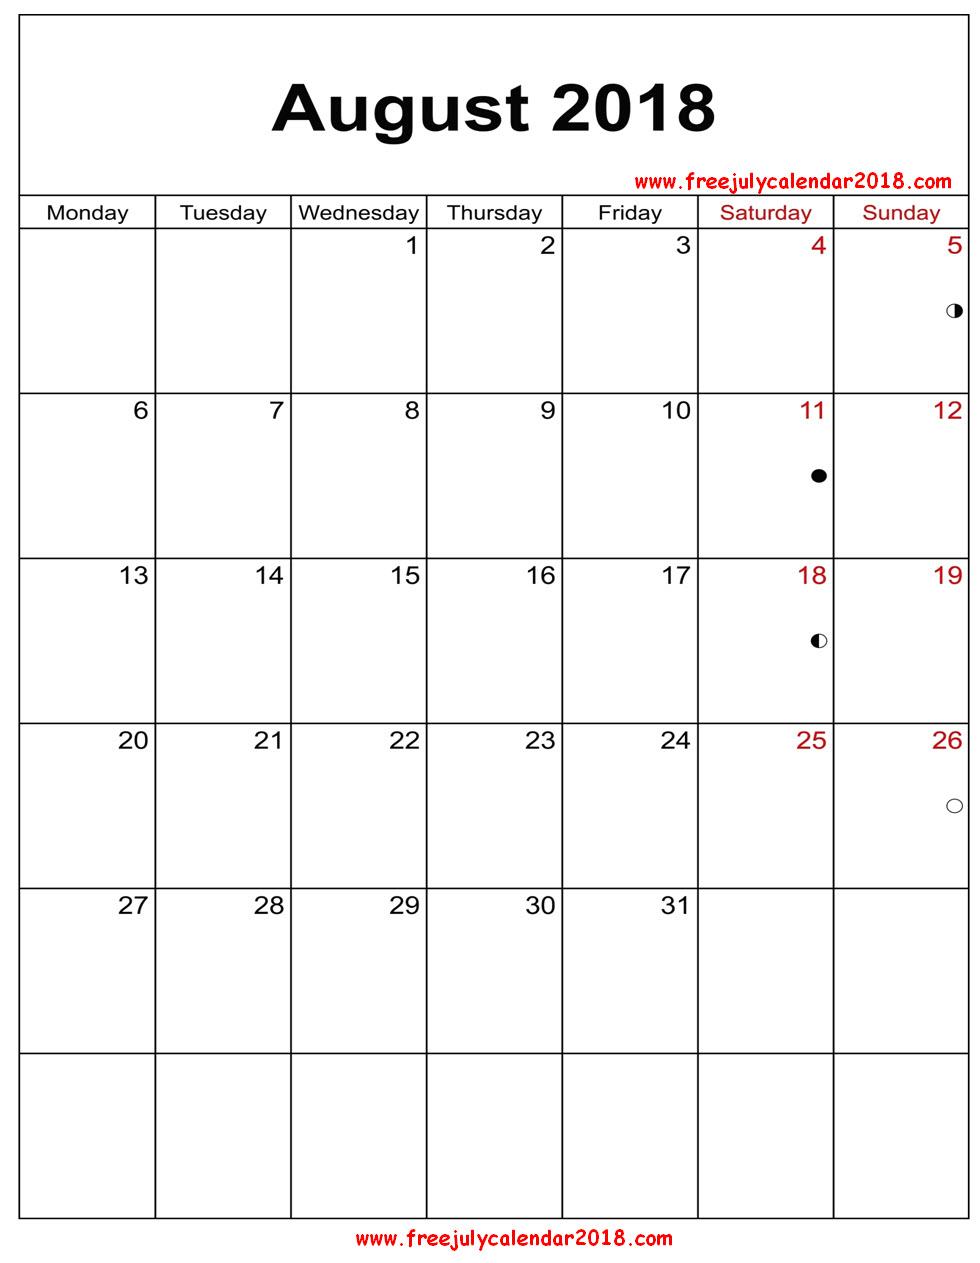 August 2018 Calendar Vertical